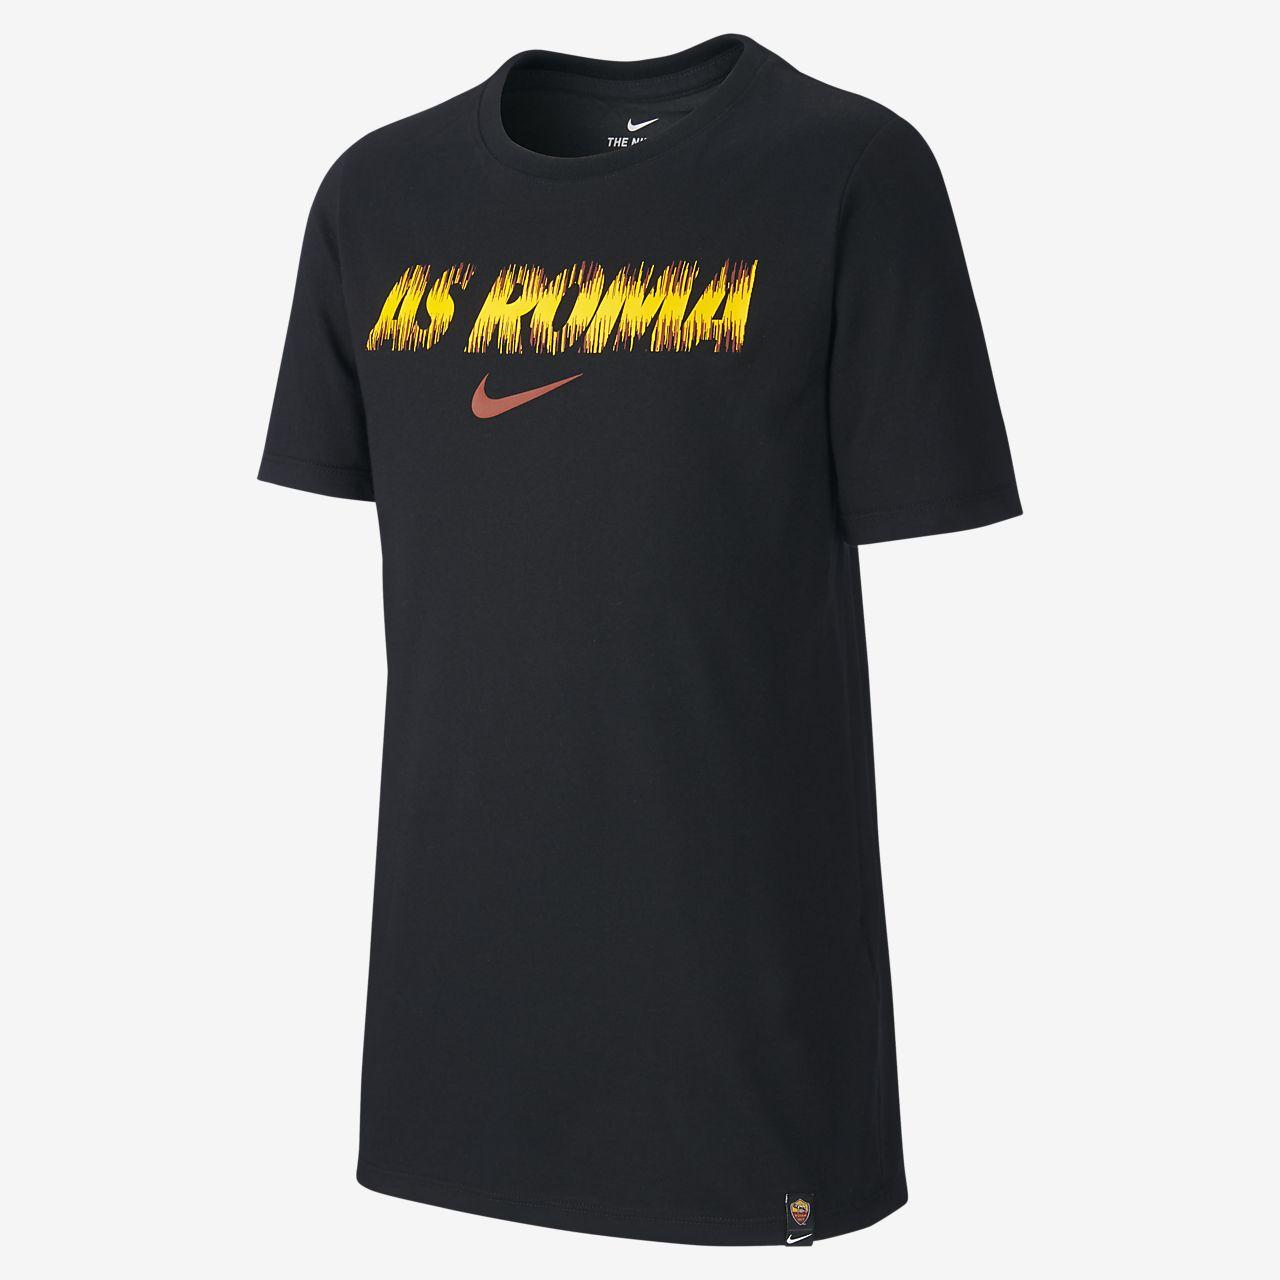 Ποδοσφαιρικό T-Shirt Nike Dri-FIT A.S. Roma για μεγάλα παιδιά